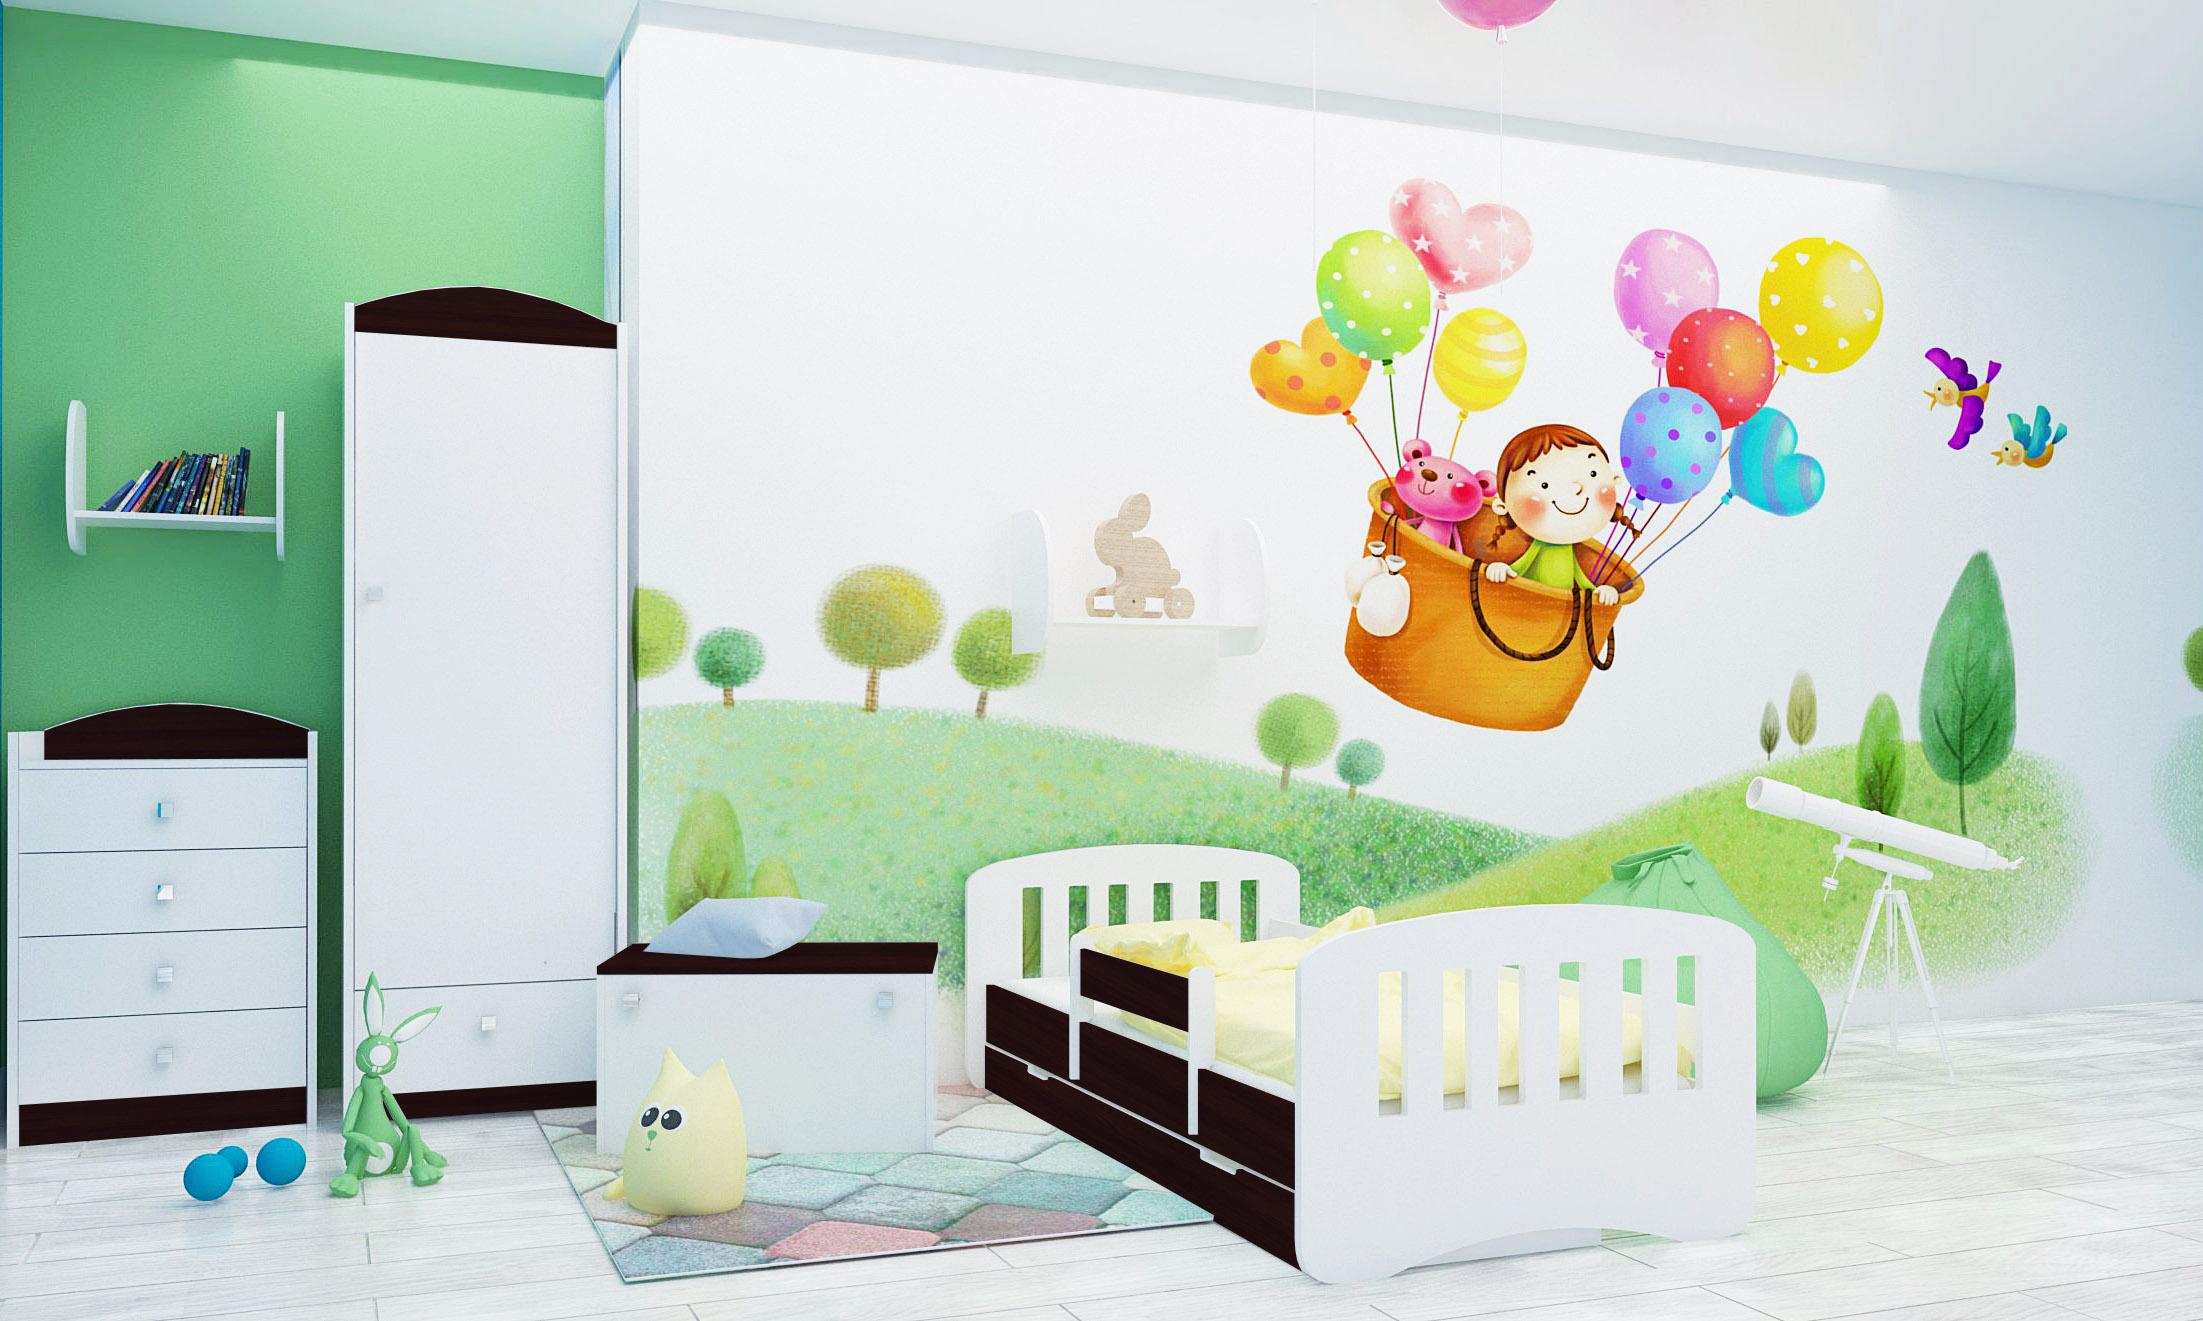 Happy Babies Detská posteľ Happy dizajn/čiarky Farba: Gaštan Wenge / Biela, Prevedenie: L04 / 80 x 160 cm /S úložným priestorom, Obrázok: Čiarky